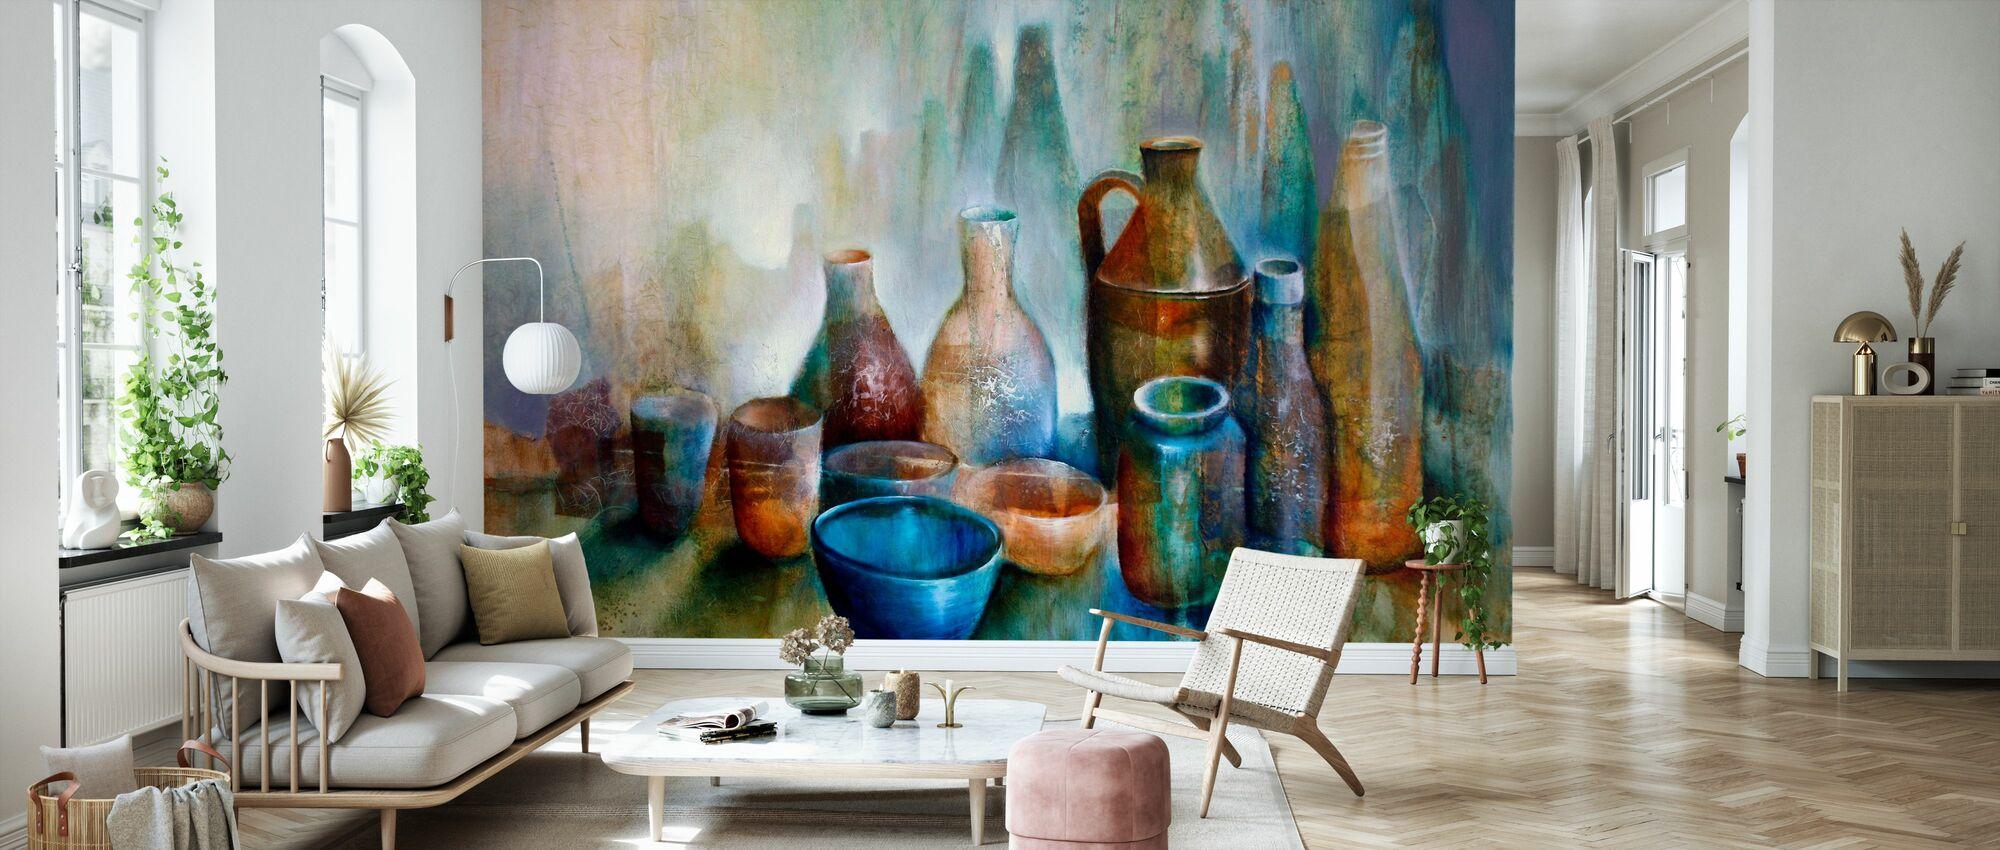 Still Life with Blue Bowl - Wallpaper - Living Room